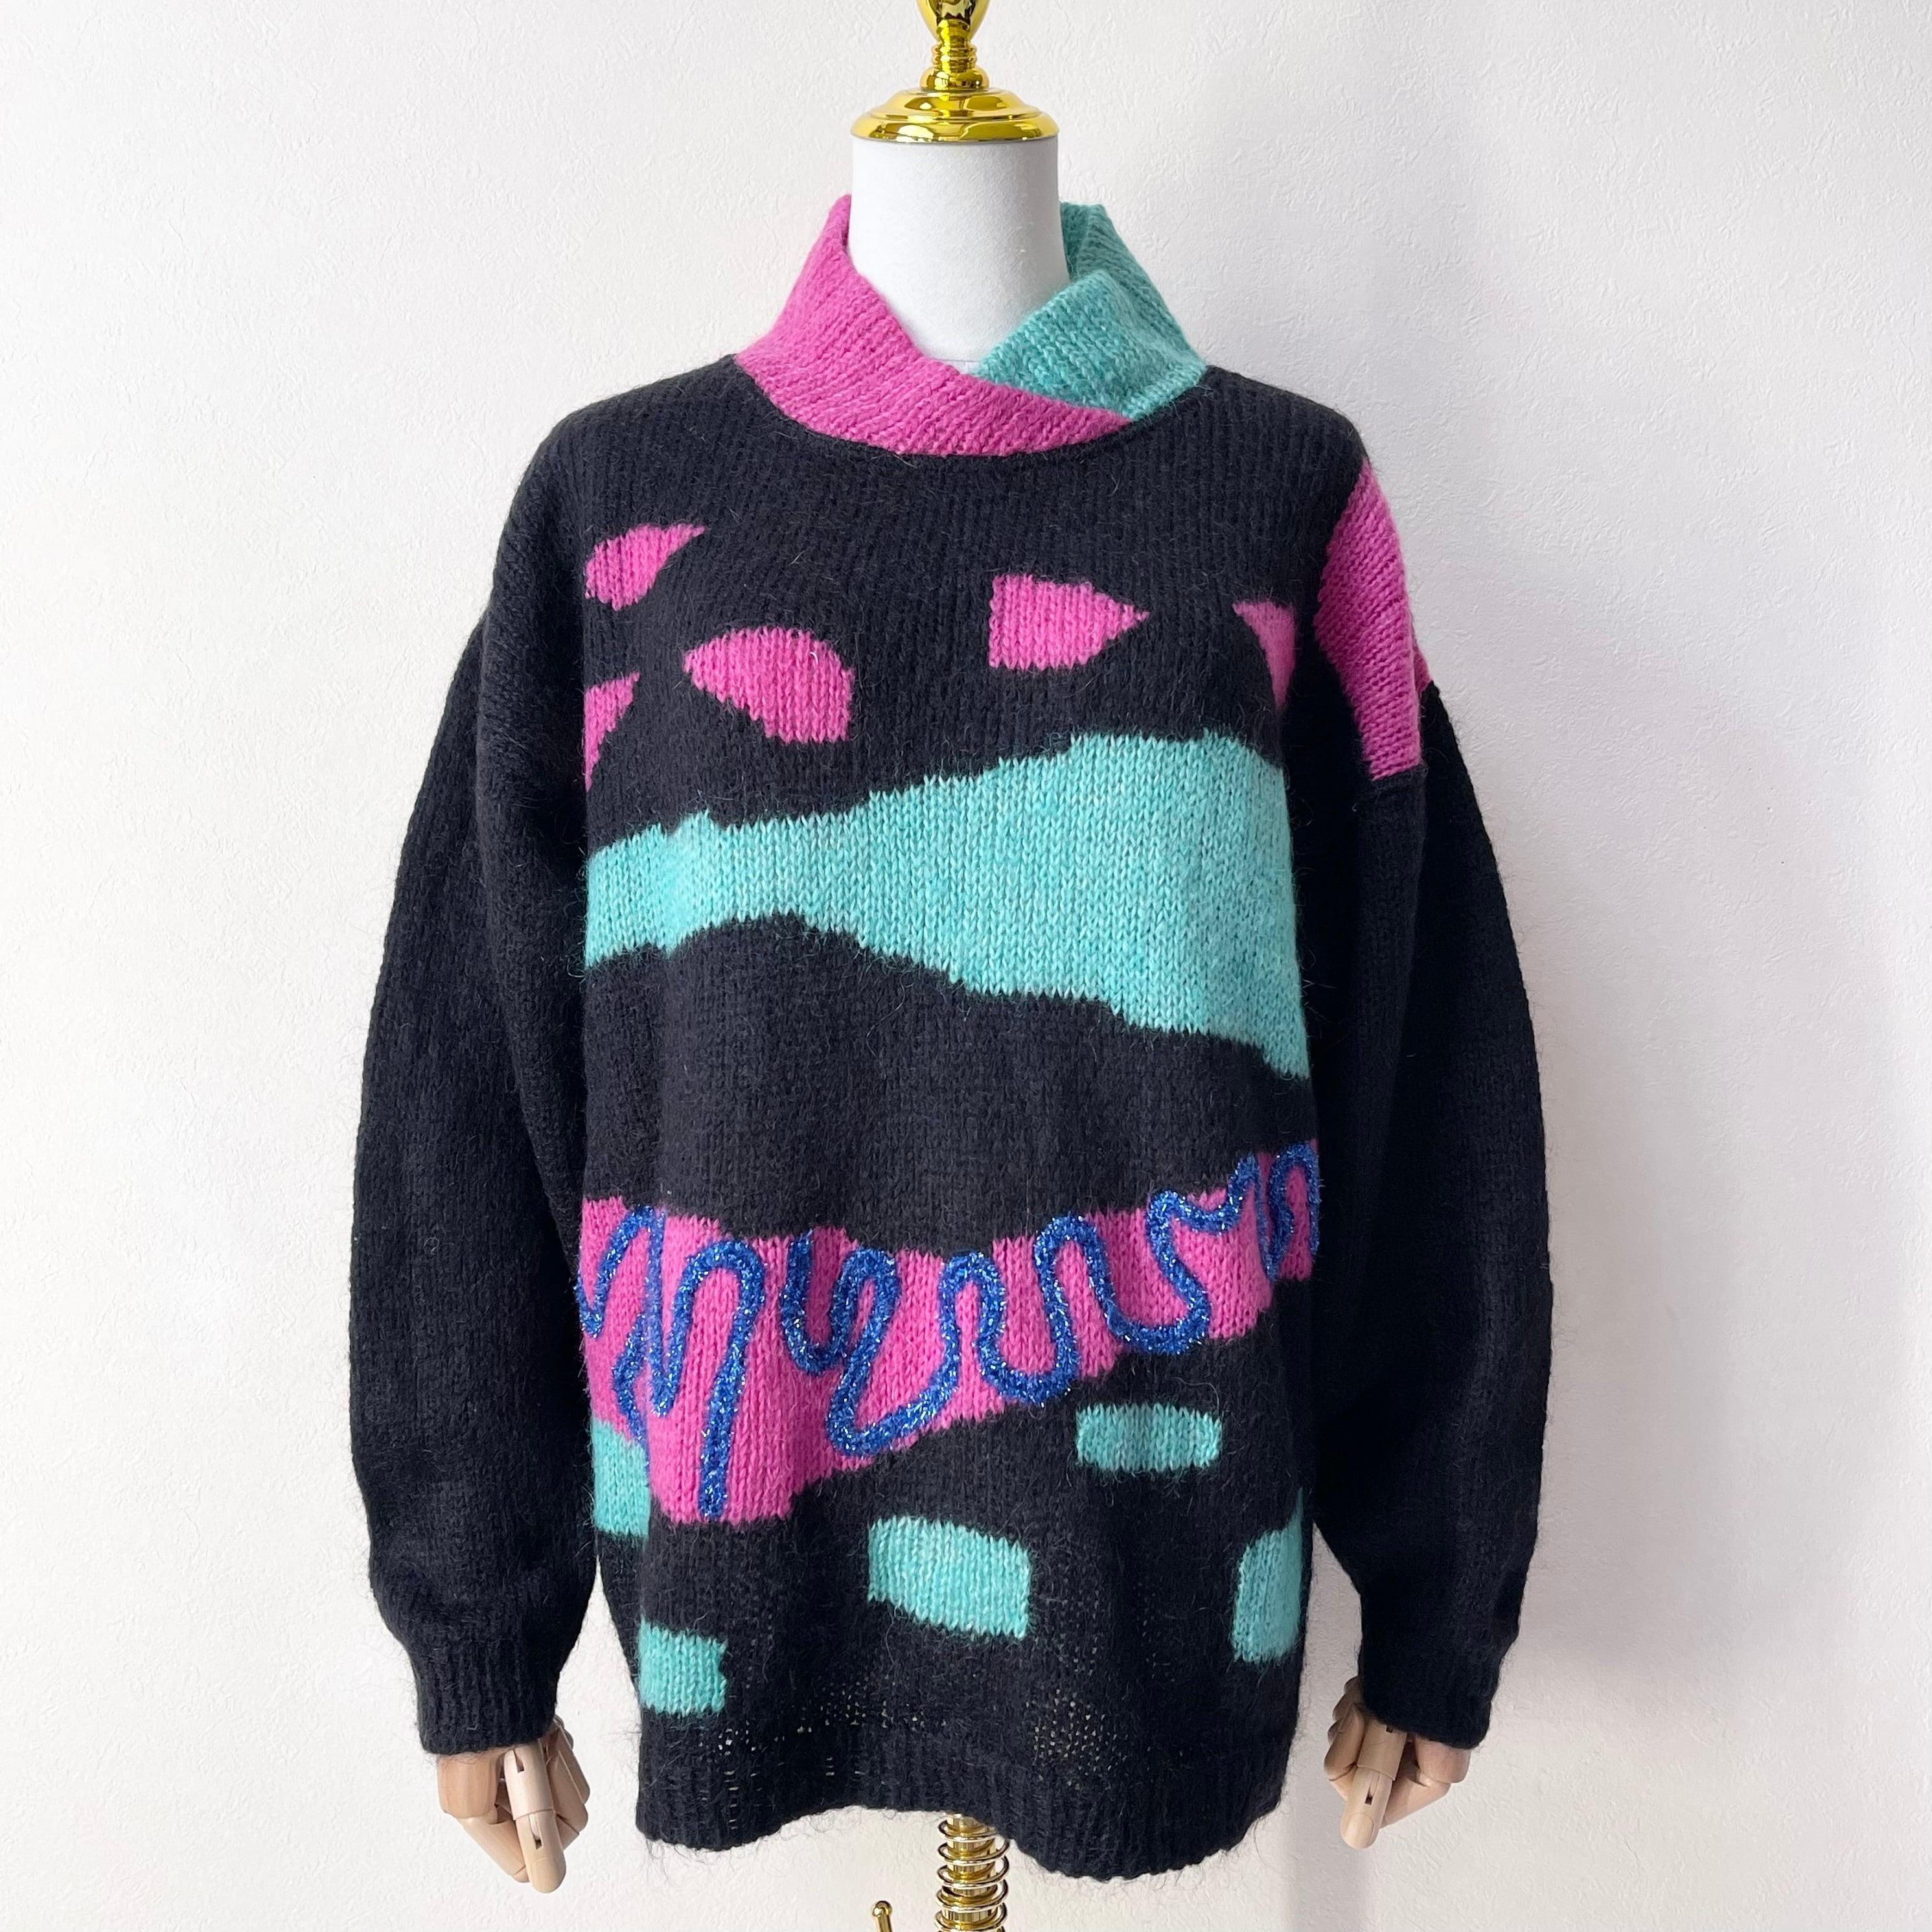 ヨーロッパ ITALY製 モヘア混 デザインセーター 90年代 レディース古着